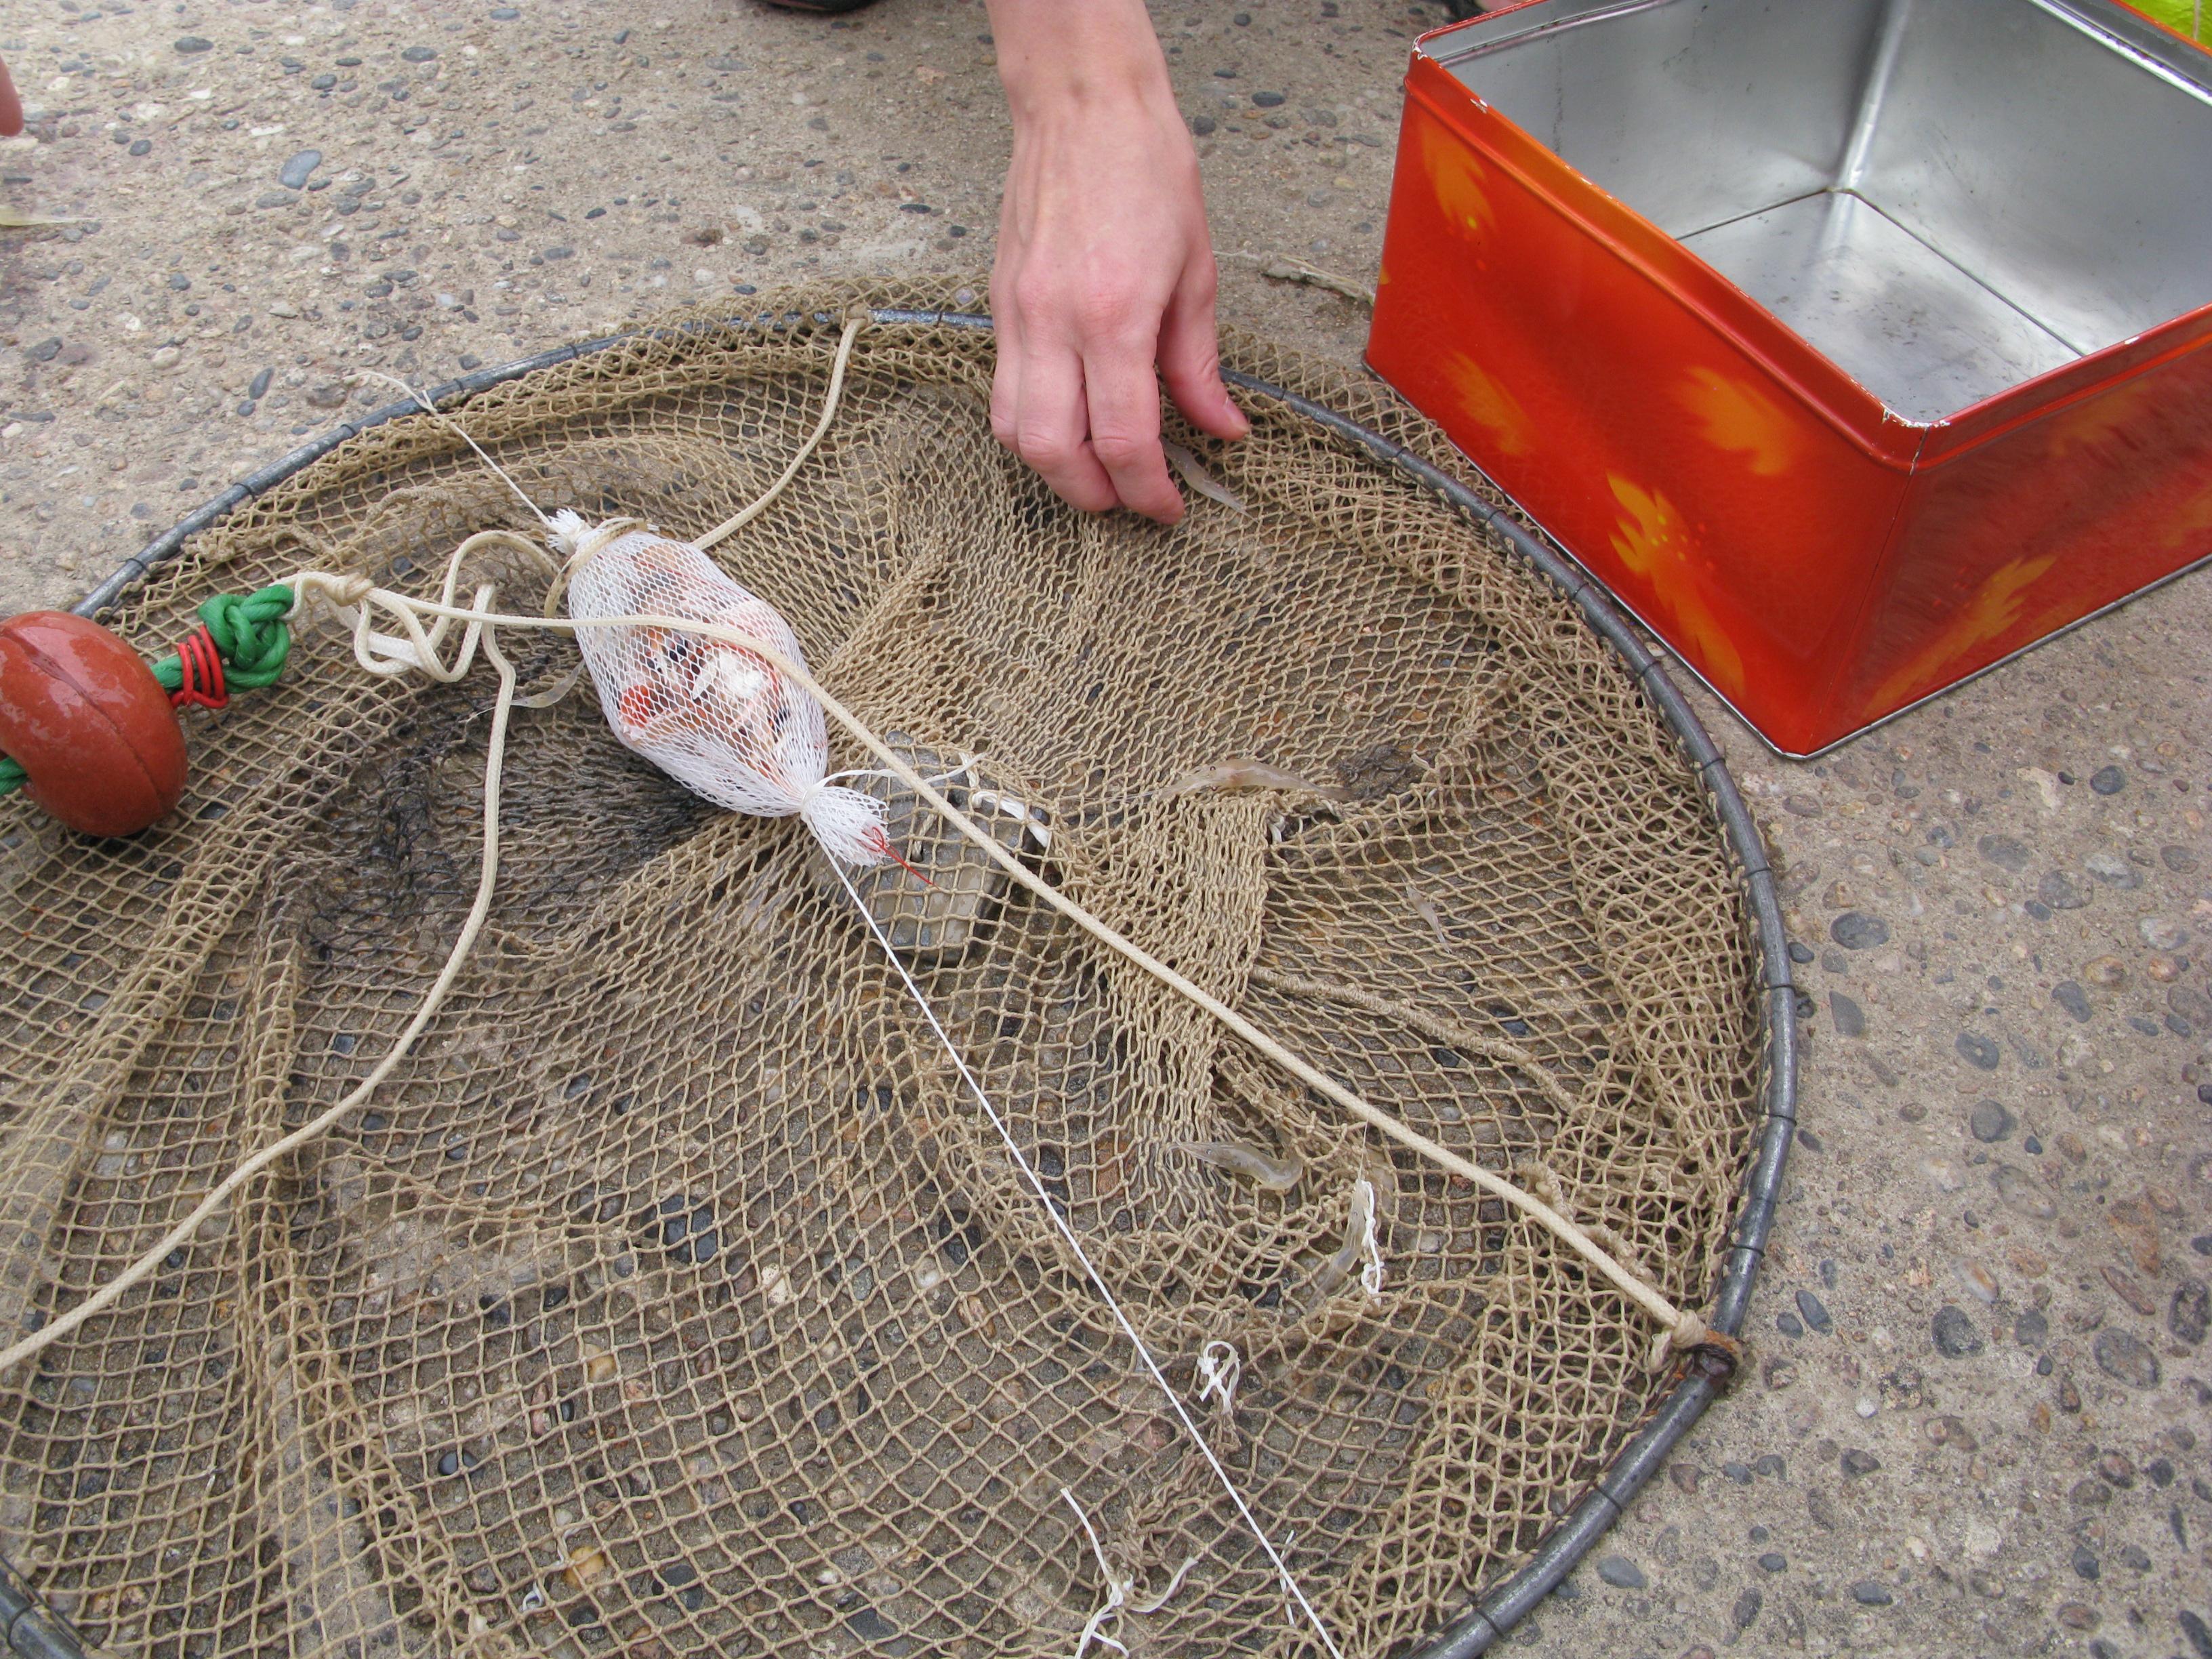 La base du repos et la pêche spb